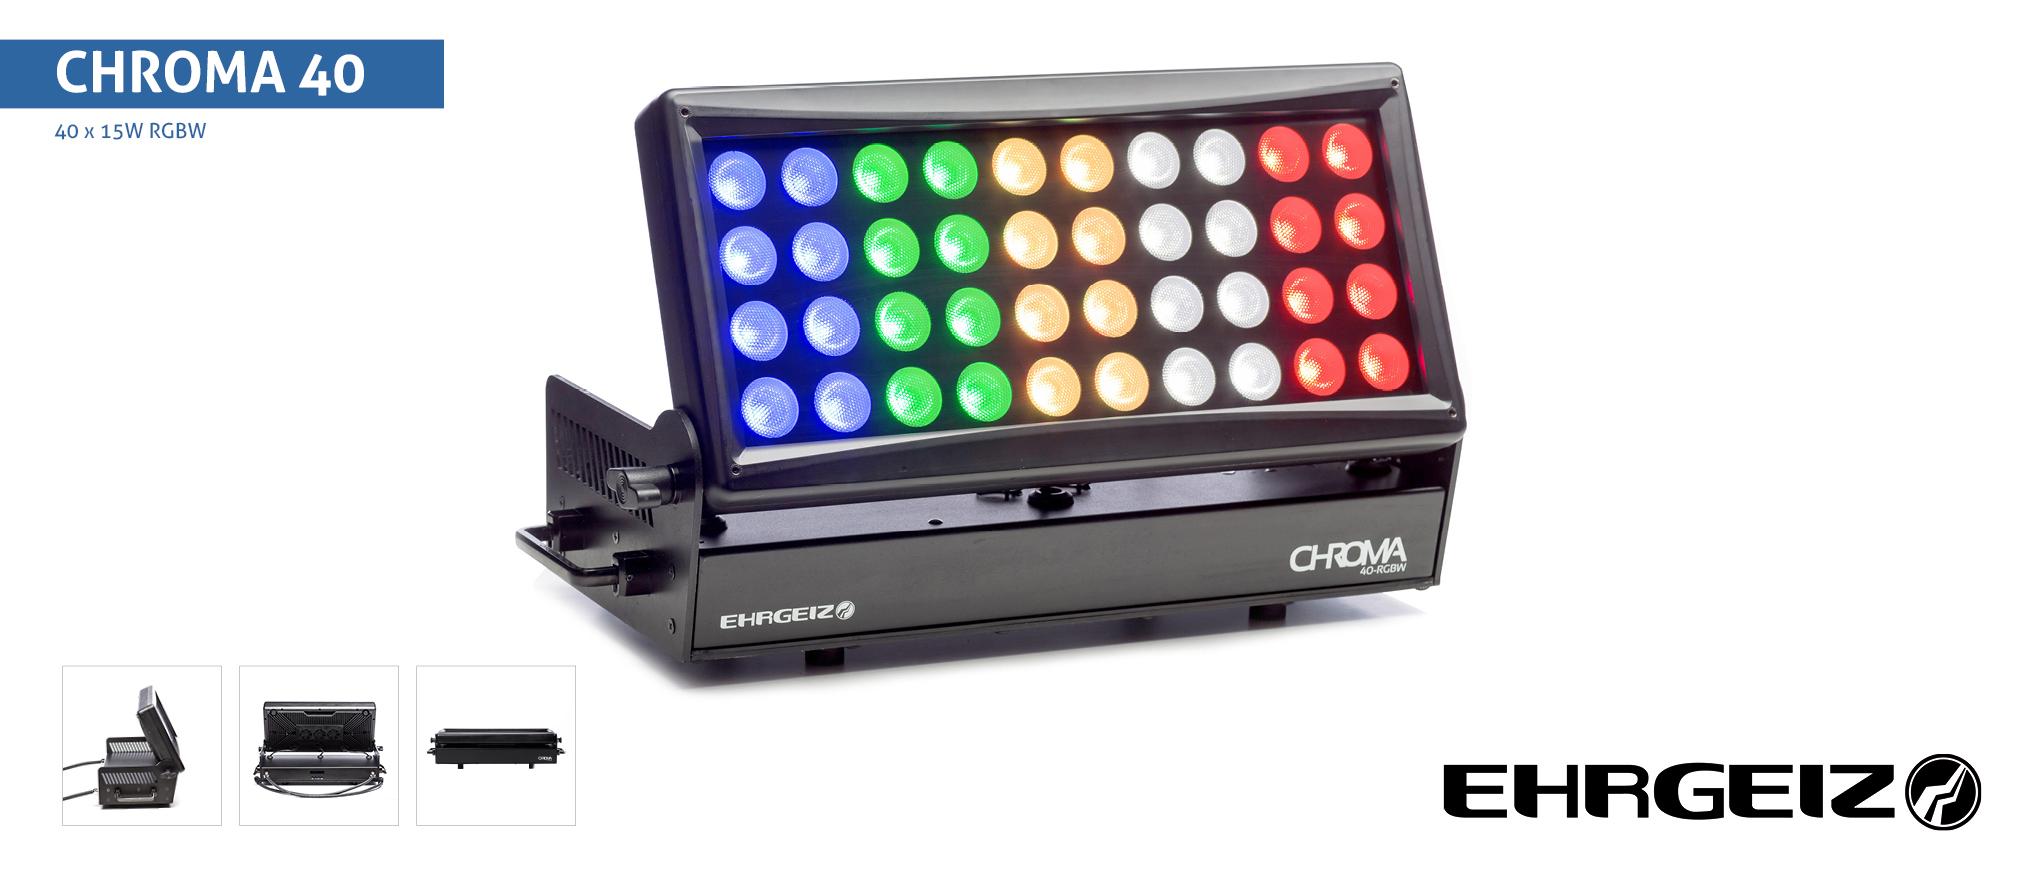 EHRGEIZ  LED Chroma 40 RGBW  40 x 15W  RGBW  Ouverture 43°